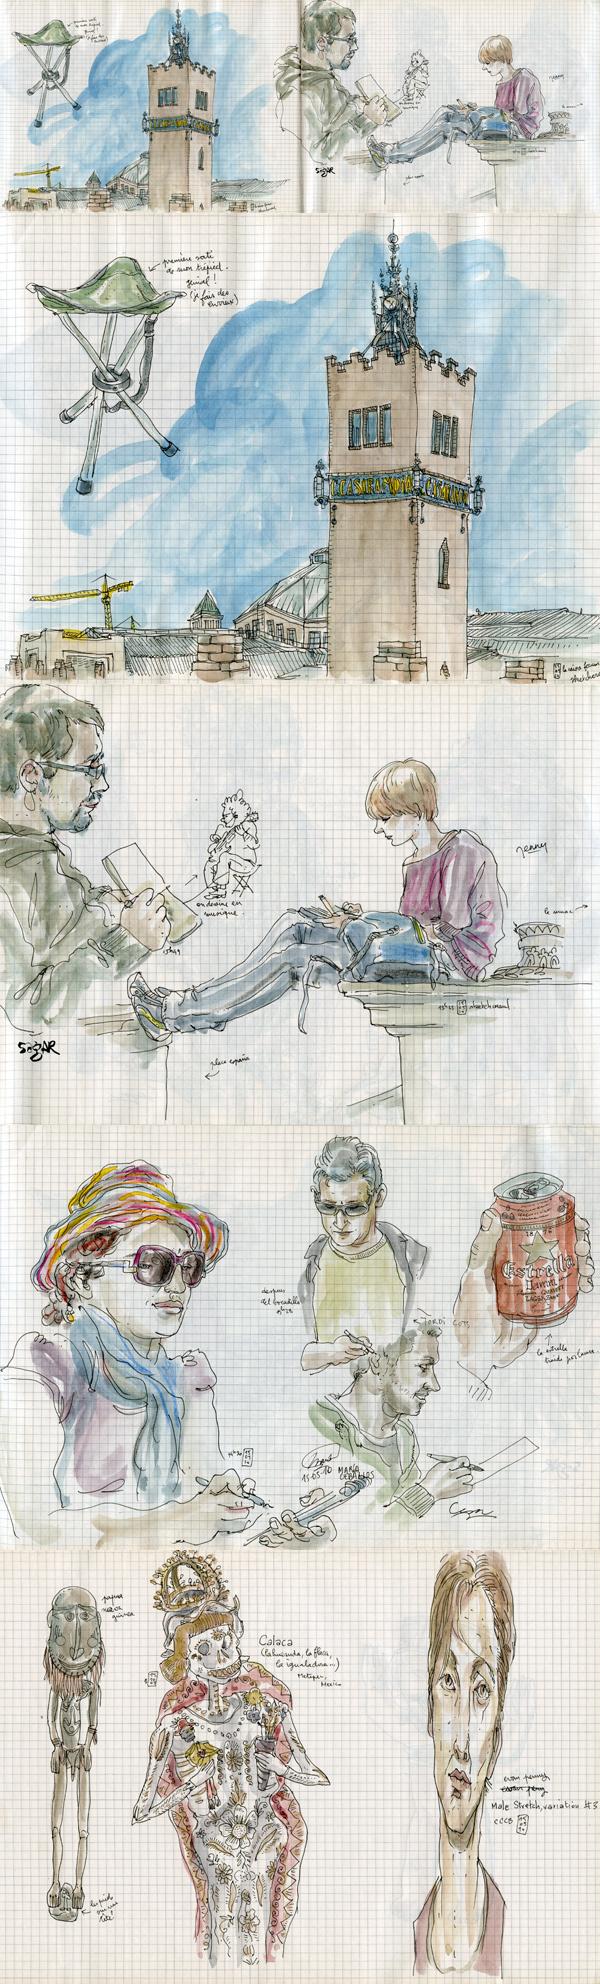 sketchcrawl #27 in barcelona